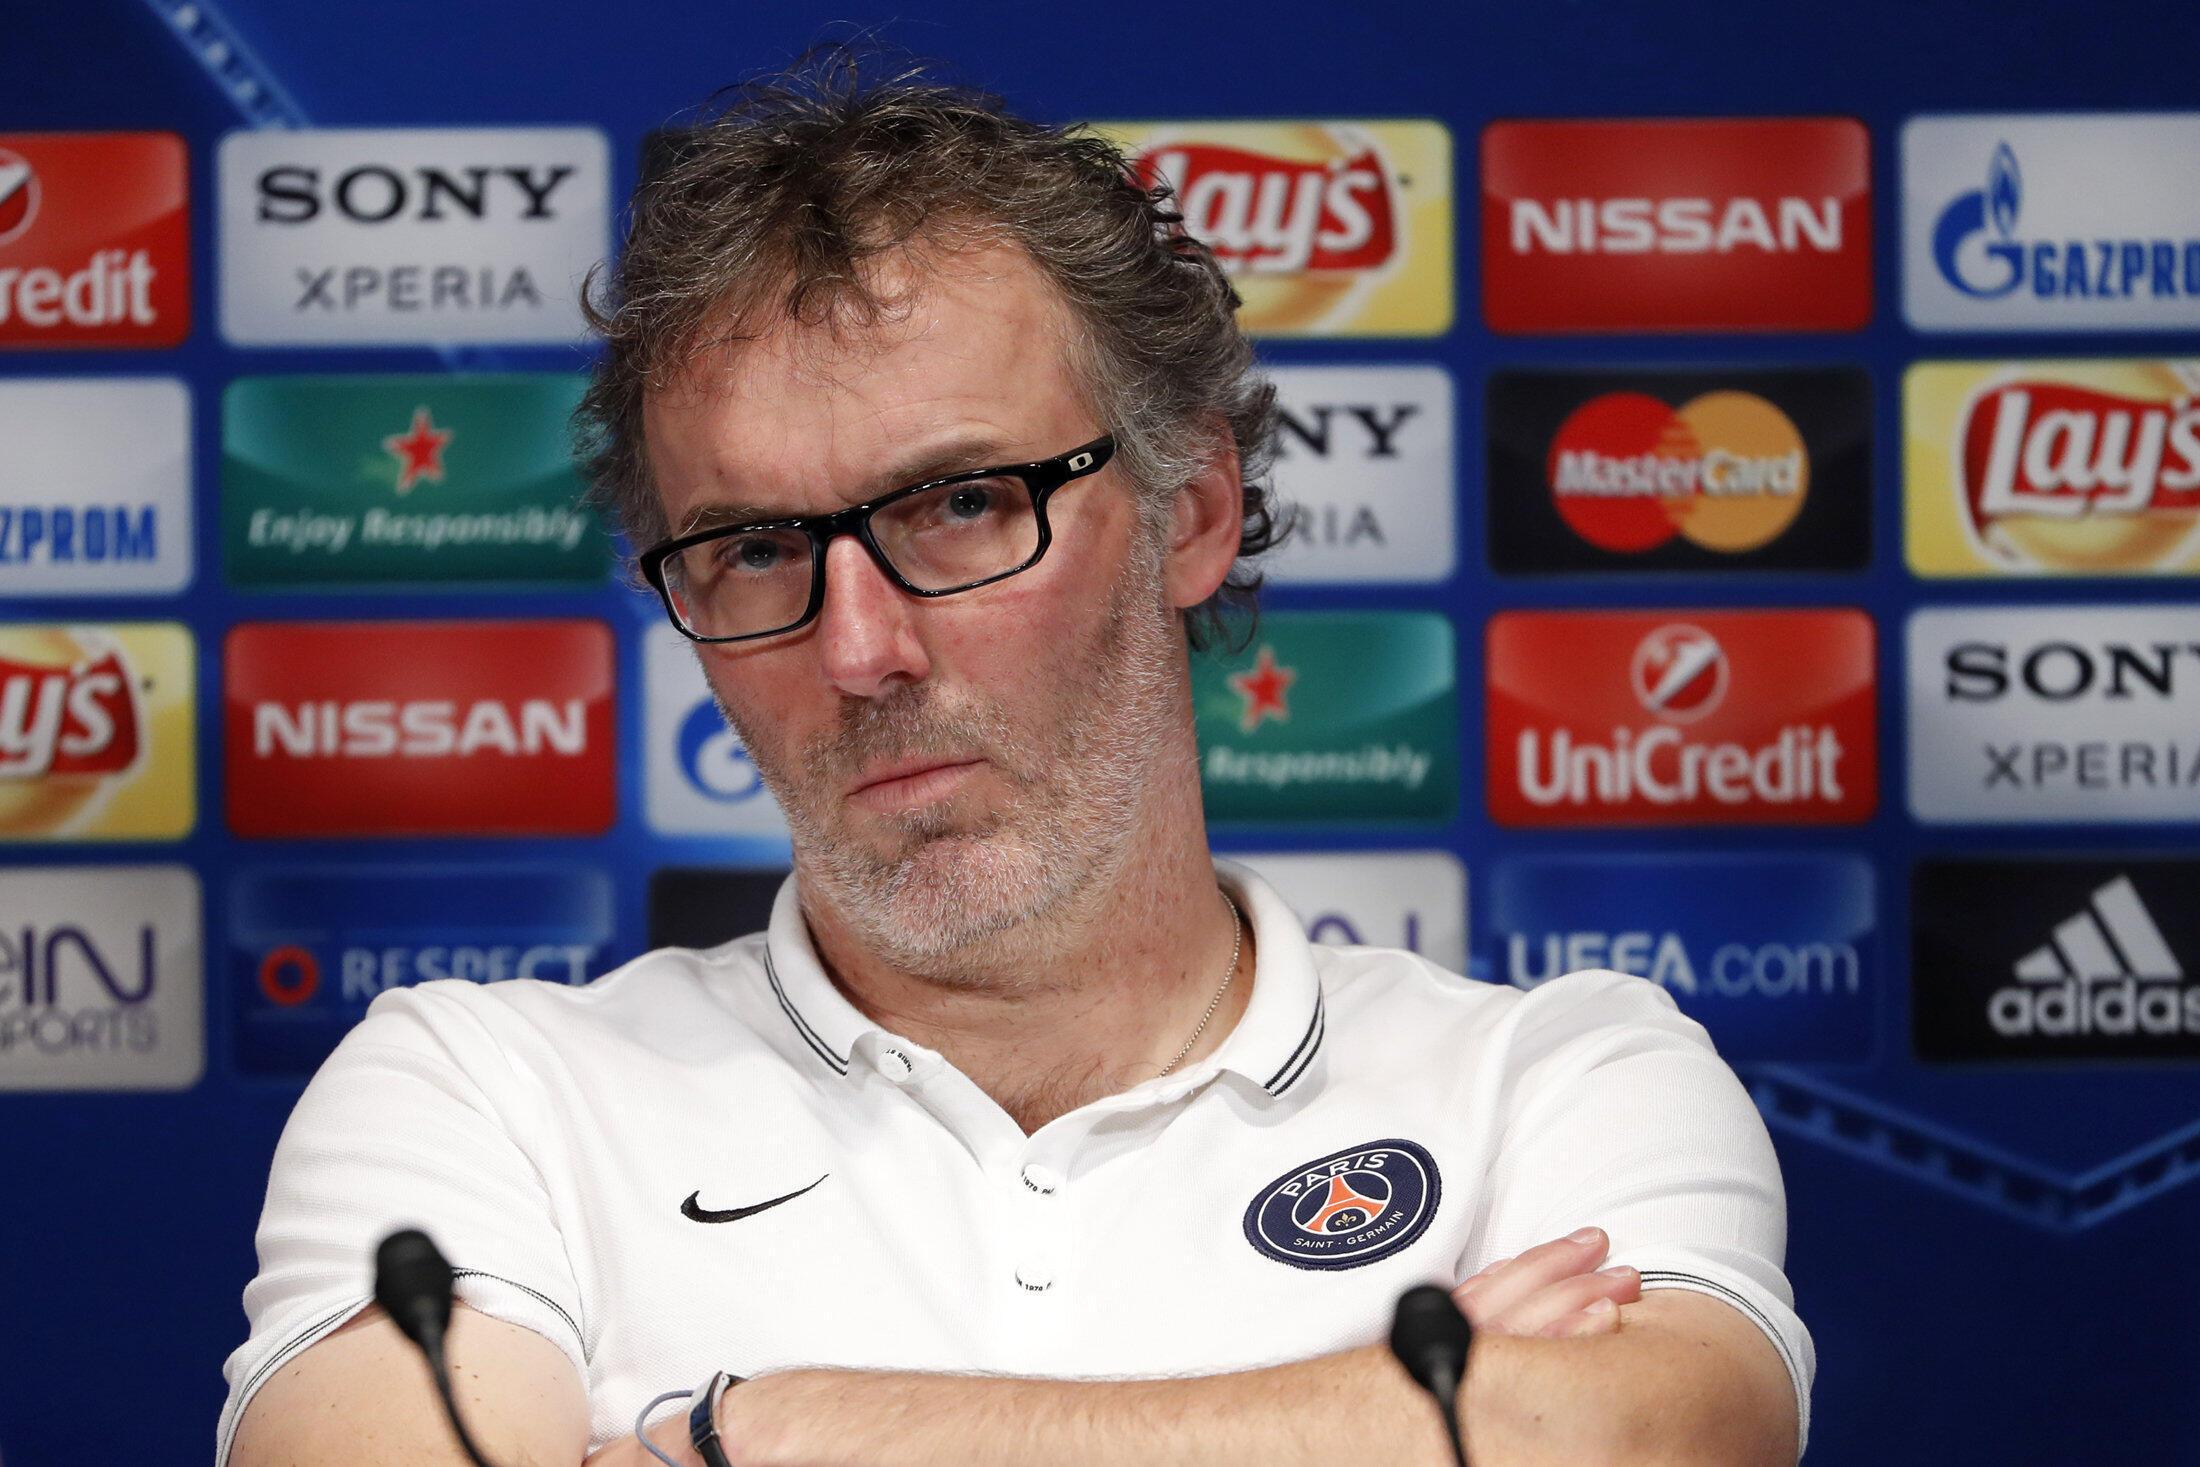 O técnico do PSG, Laurent Blanc, disse que aprecia o estilo de jogo do Manchester City e vai estudar minuciosamente as táticas do adversário.